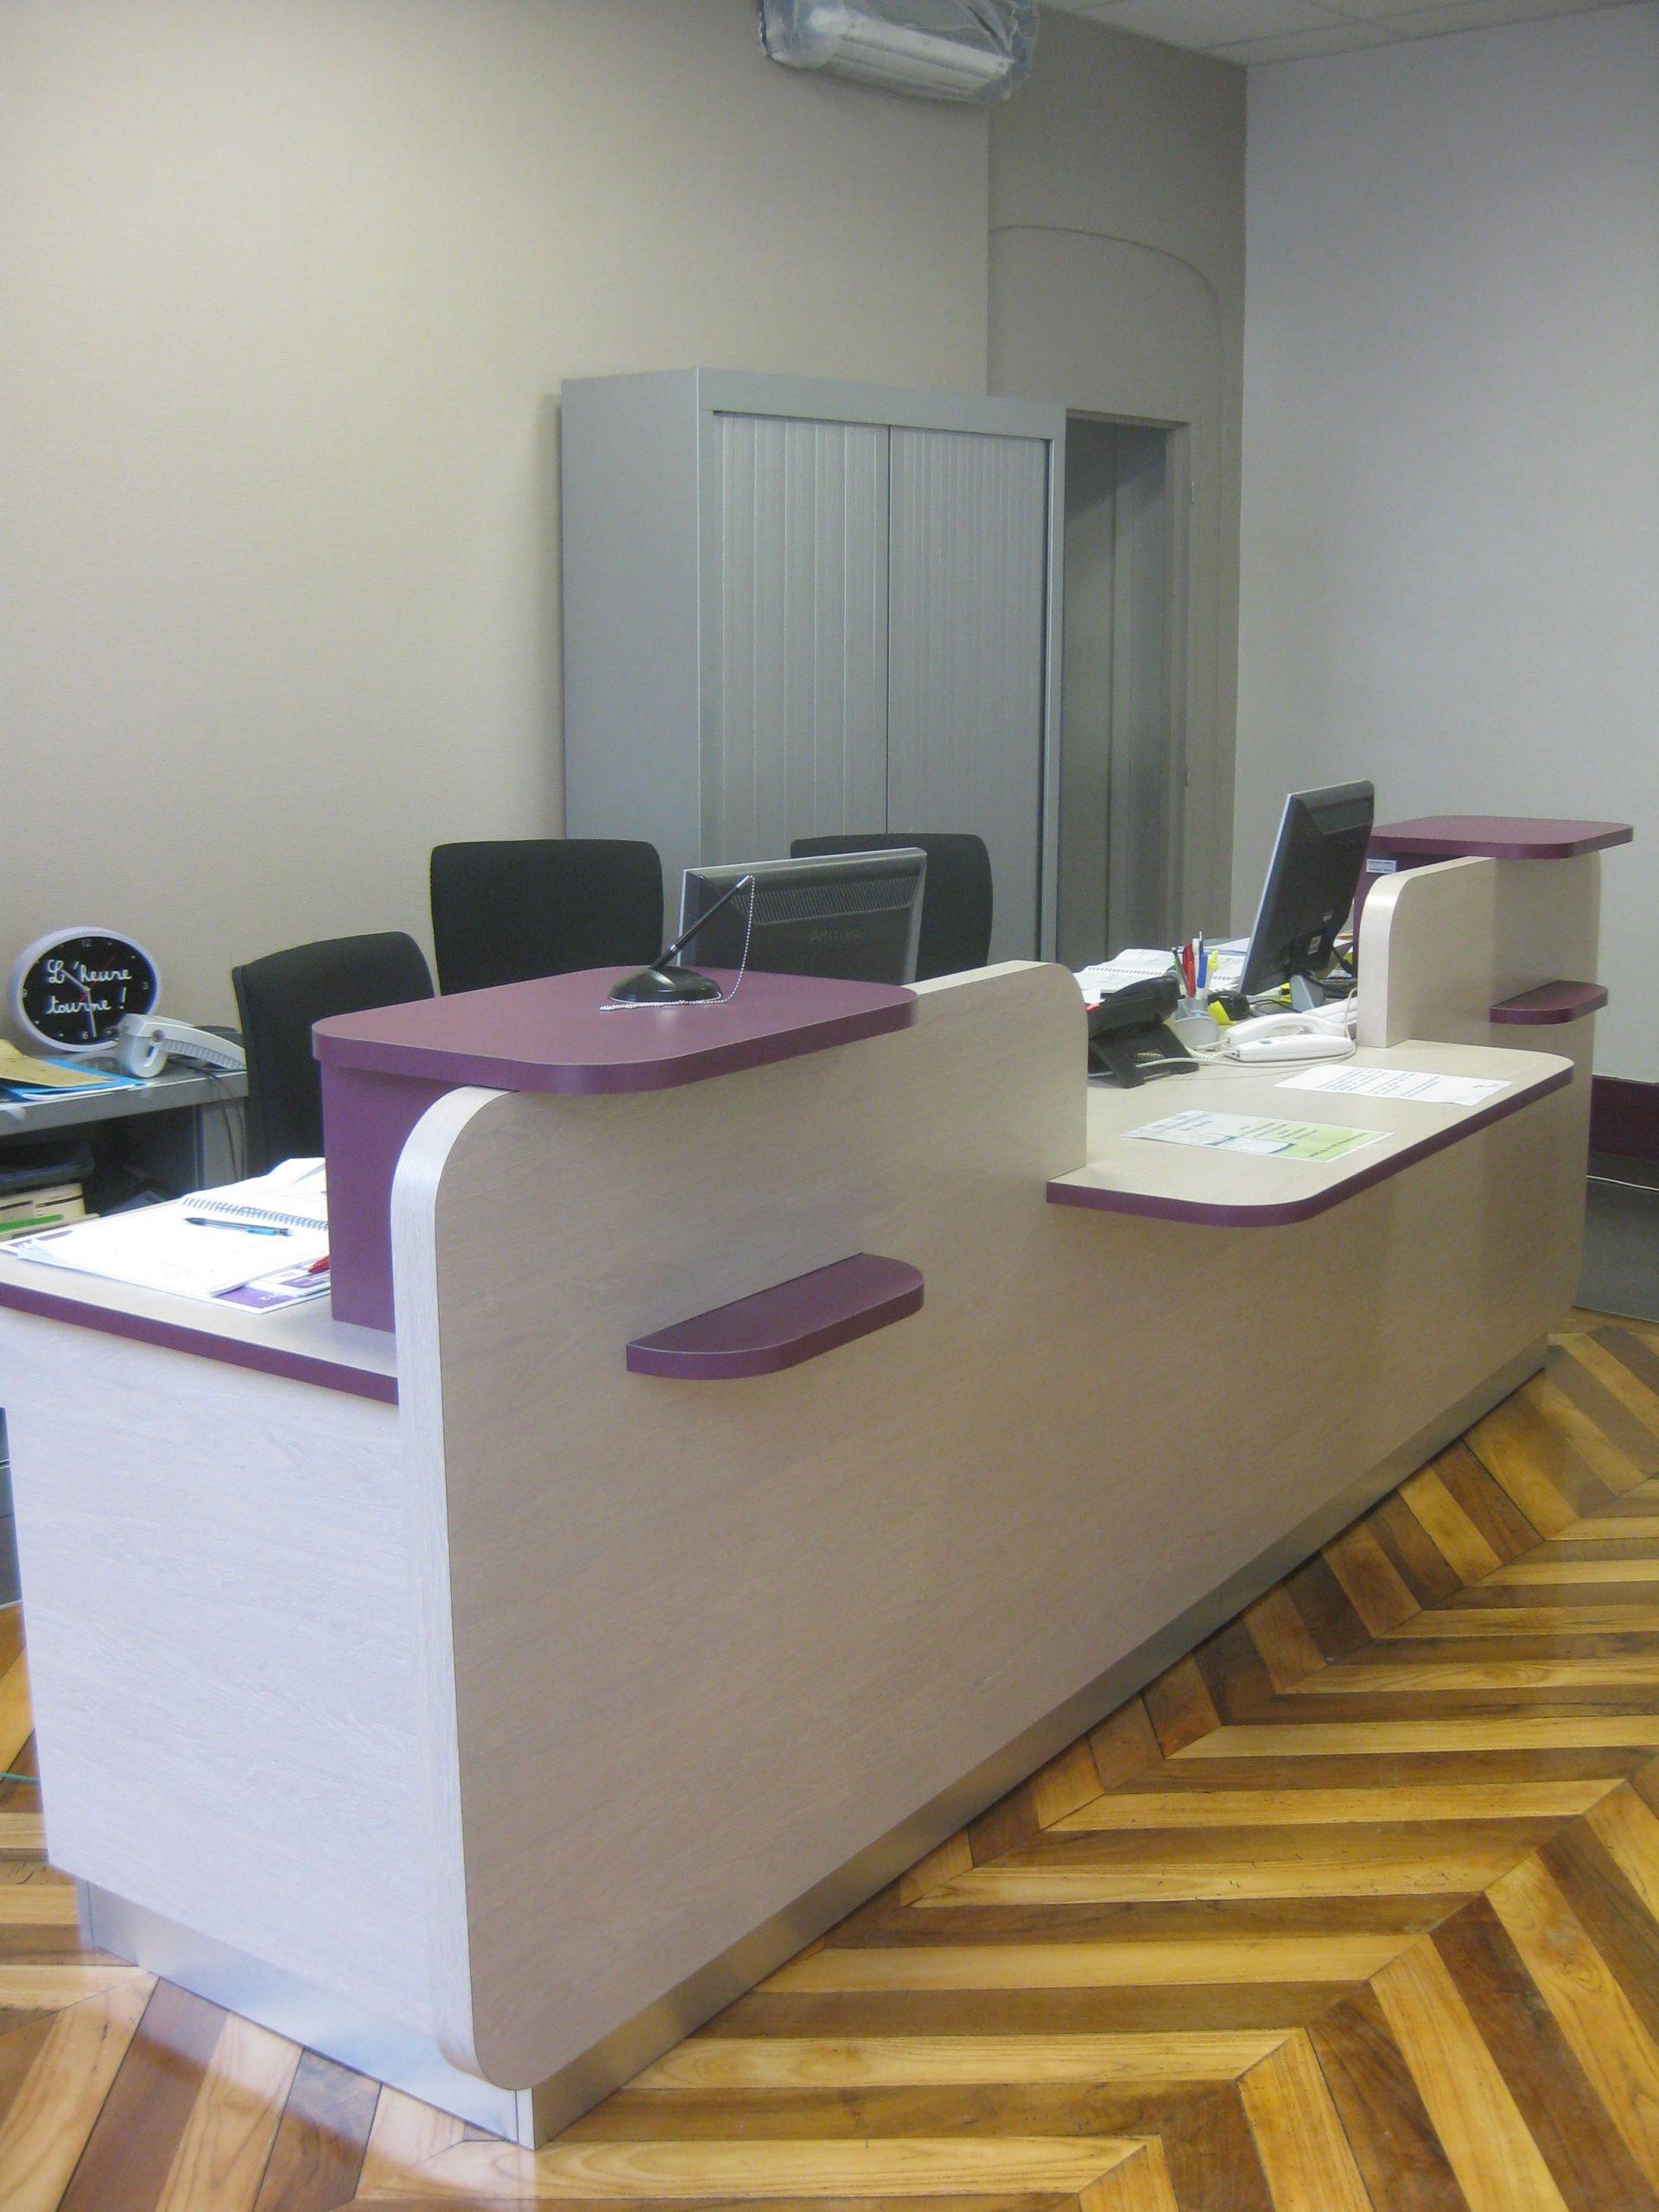 Banque d'accueil de l'UMT Dentaire de Gaillac agencé par SAFRA Agencement